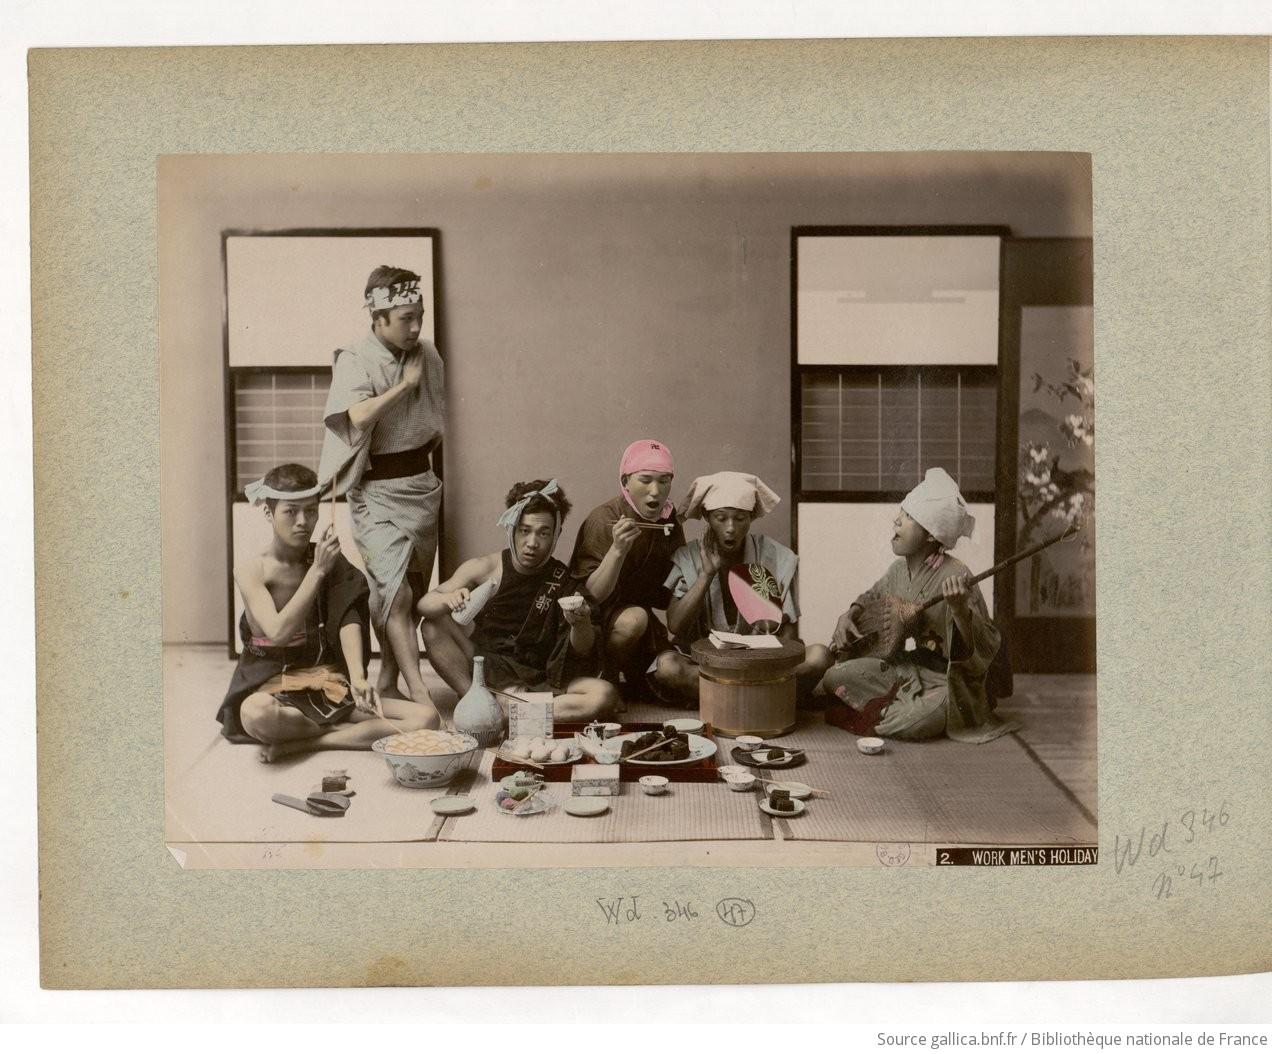 Fig. 47. 2. Work men's holiday / Kinbei Kusakabe;